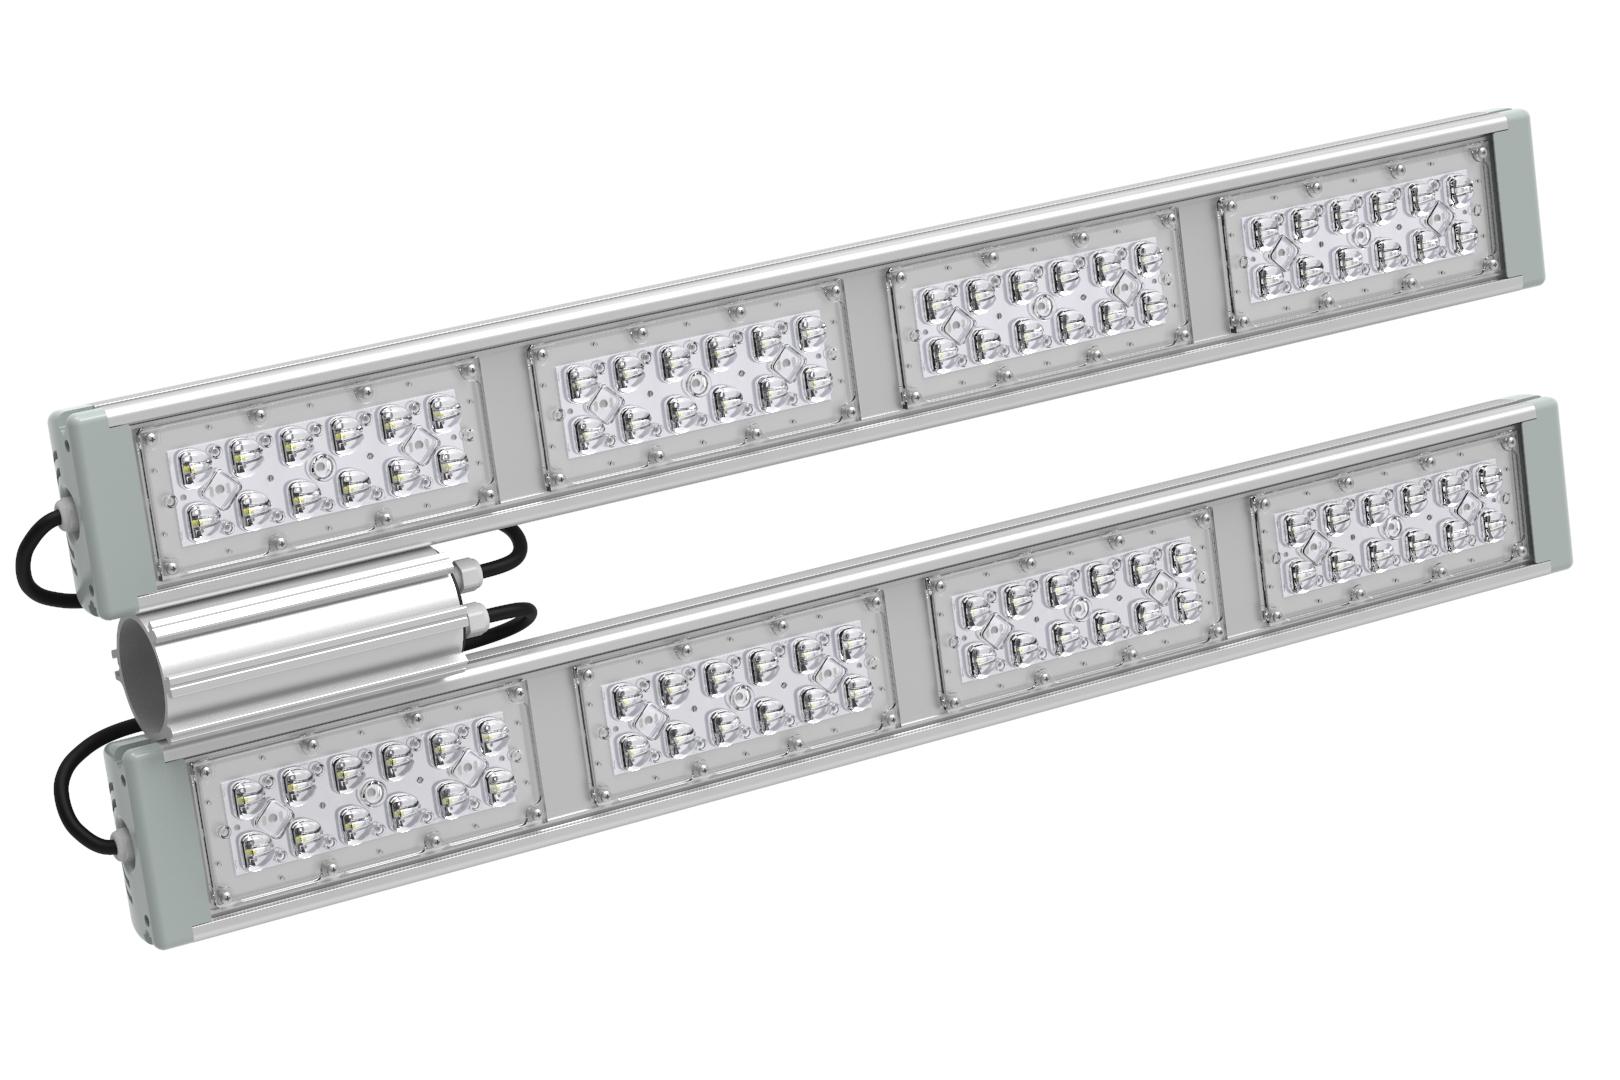 Промышленный светильник Модуль PRO SVT-STR-MPRO-102Вт-45x140-DUO-C